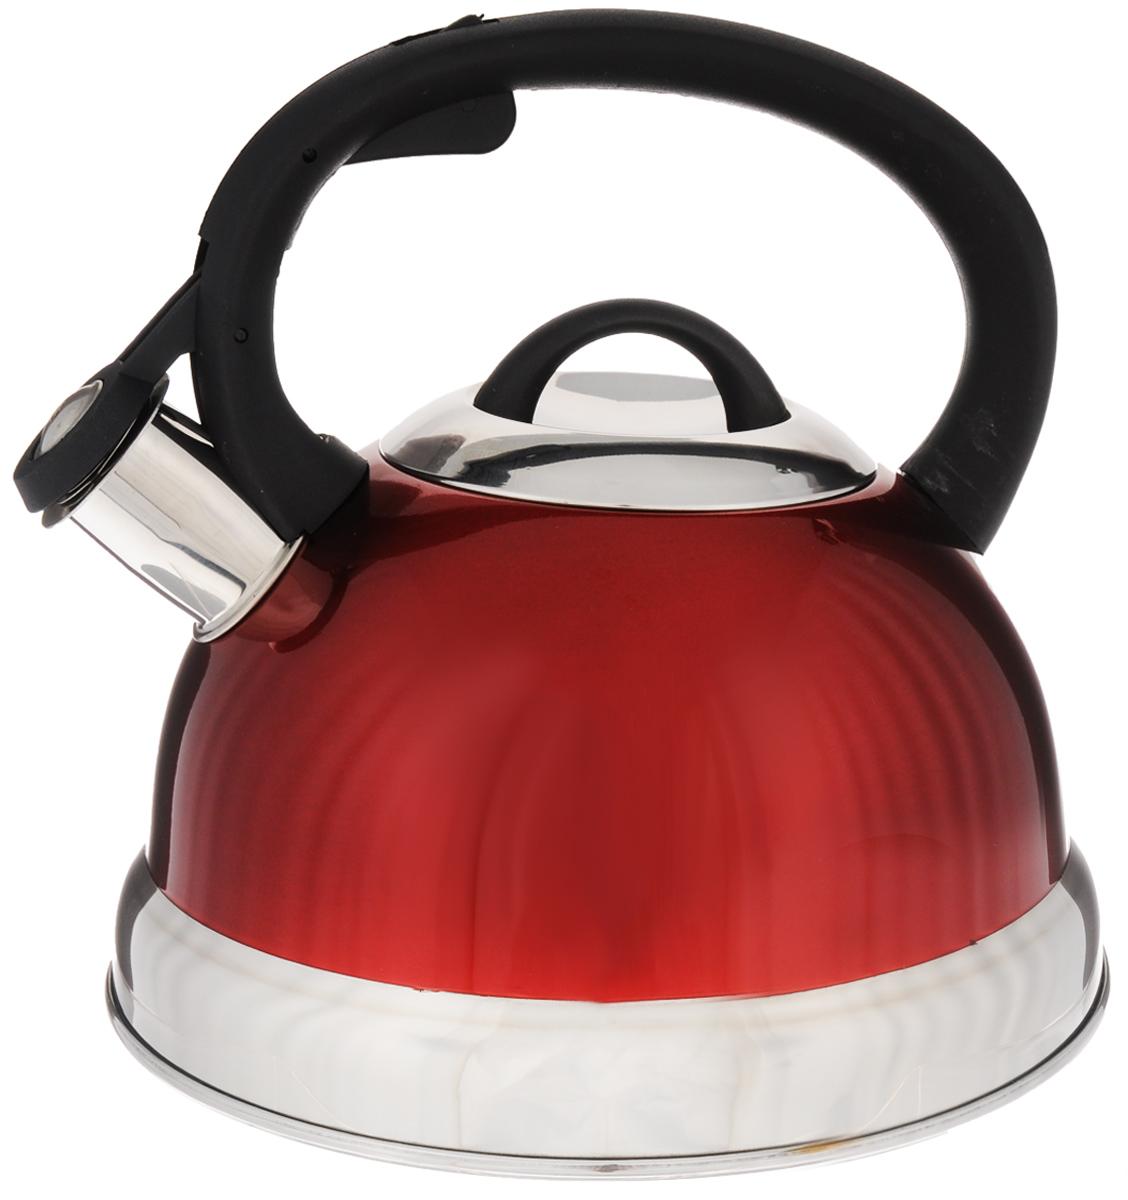 Чайник Mayer & Boch, со свистком, цвет: красный, черный, серебристый, 2,6 л. 27VT-1520(SR)Чайник Mayer & Boch выполнен из высококачественной нержавеющей стали, что делает его весьма гигиеничным и устойчивым к износу при длительном использовании. Носик чайника оснащен насадкой-свистком, что позволит вам контролировать процесс подогрева или кипячения воды. Фиксированная ручка, изготовленная из пластика, делает использование чайника очень удобным и безопасным. Поверхность чайника гладкая, что облегчает уход за ним. Эстетичный и функциональный чайник будет оригинально смотреться в любом интерьере.Подходит для всех типов плит, включая индукционные. Можно мыть в посудомоечной машине.Высота чайника (с учетом ручки и крышки): 20,5 см.Диаметр чайника (по верхнему краю): 10,5 см.Диаметр основания: 21 см.Диаметр индукционного диска: 14,5 см.